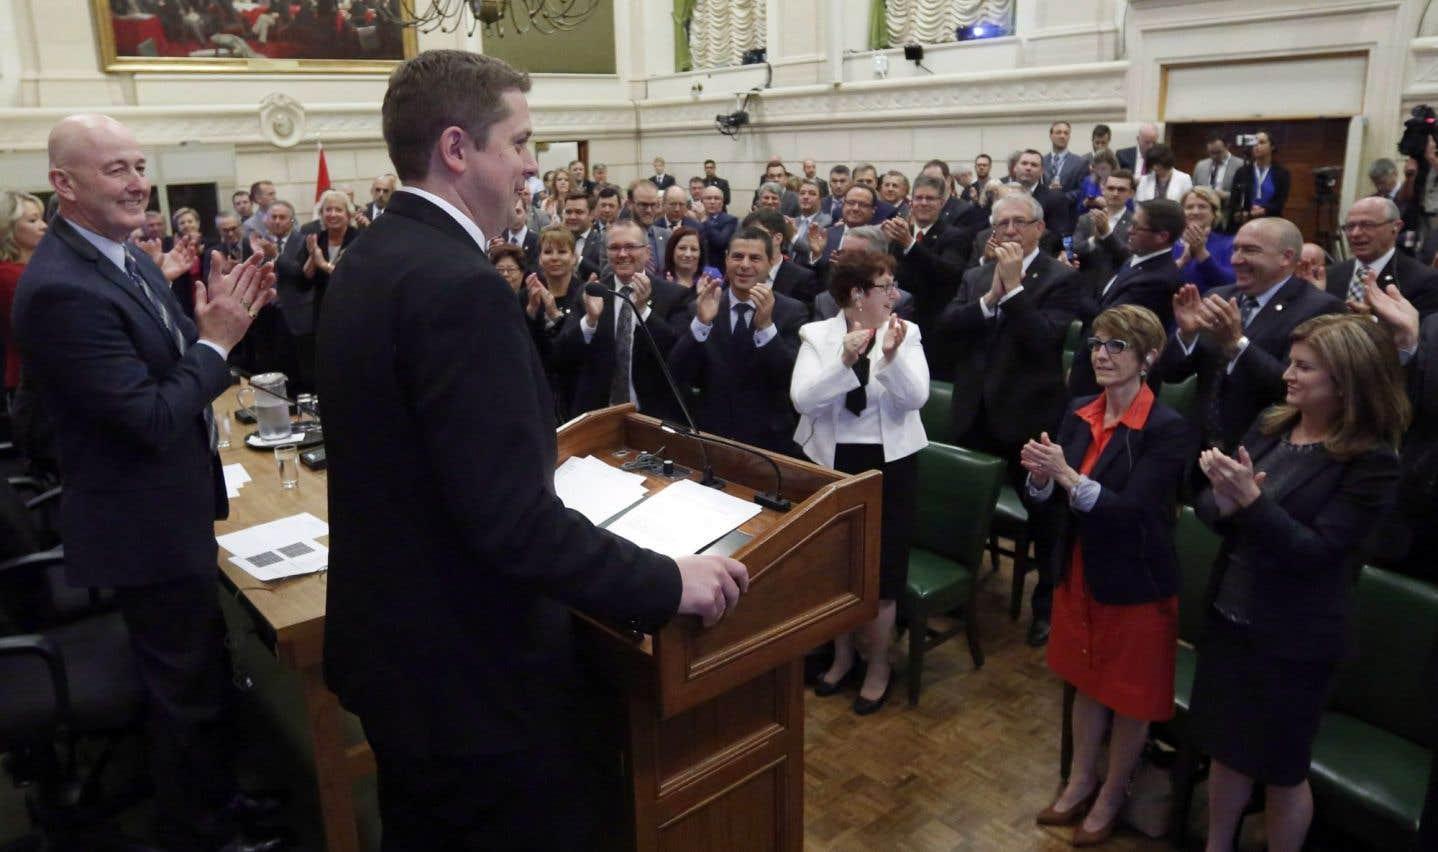 Le nouveau chef du PCC, , a réuni ses députés et sénateurs lundi matin à Ottawa pour leur livrer un discours.